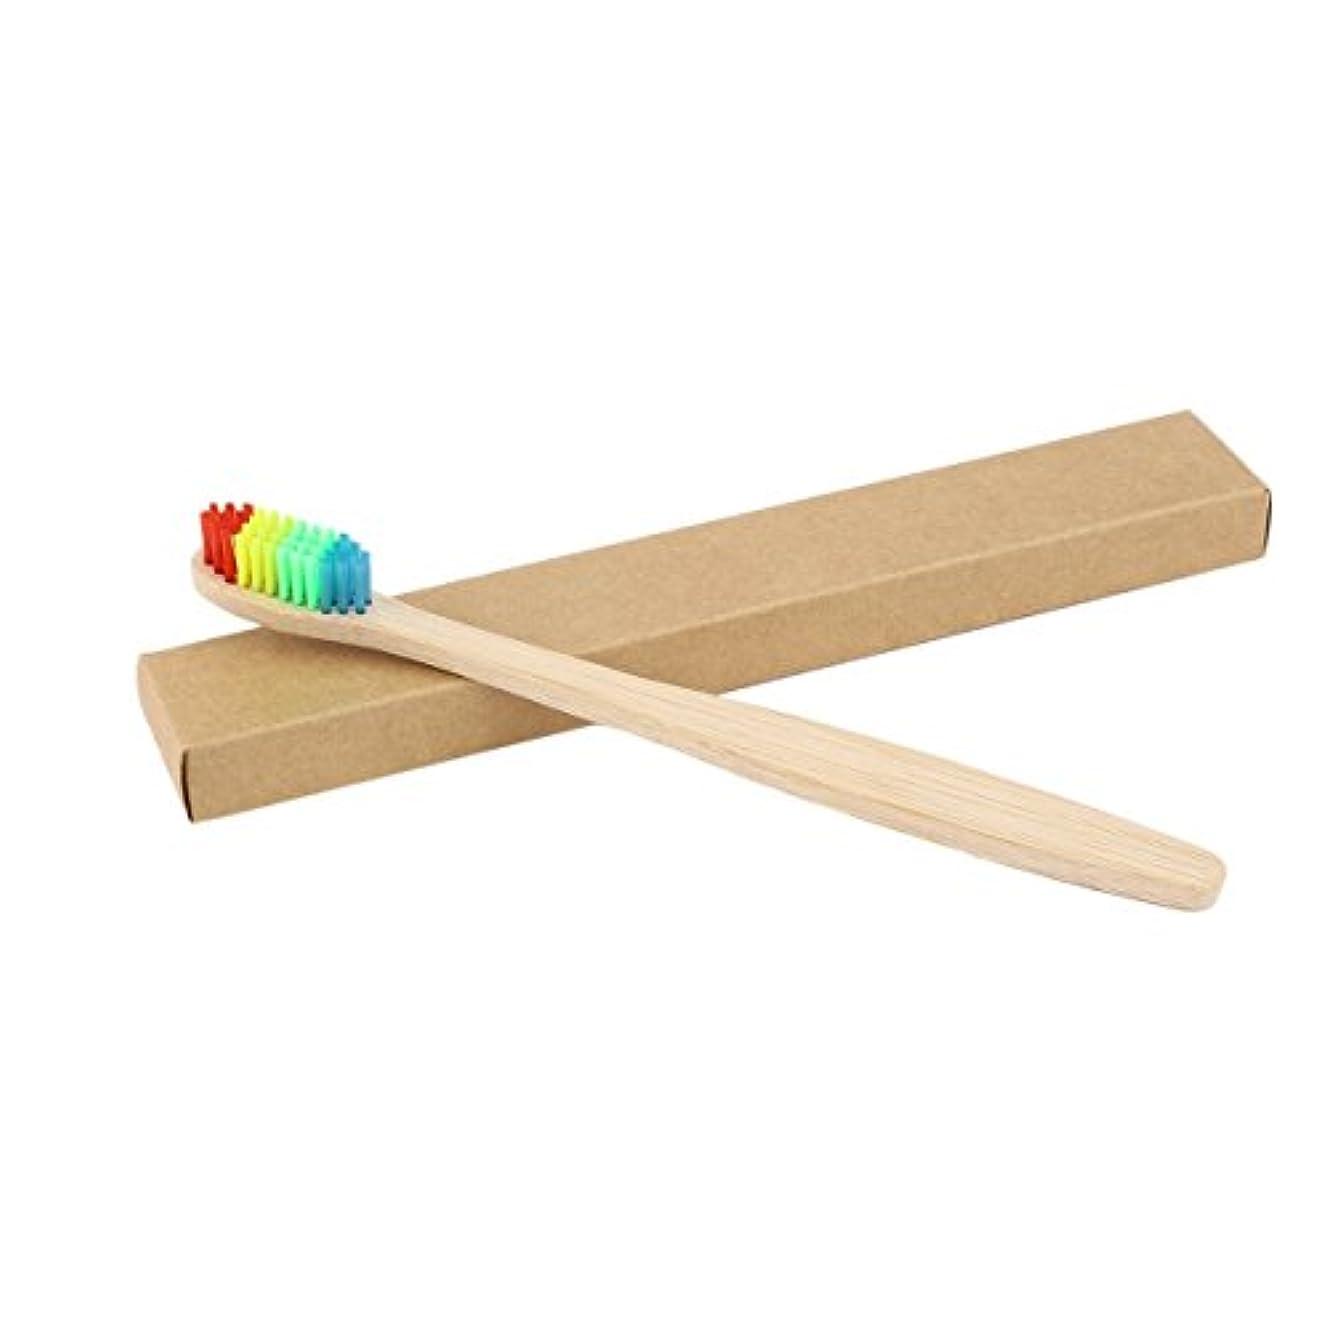 修理工ポップぬれたカラフルな髪+竹のハンドル歯ブラシ環境木製の虹竹の歯ブラシオーラルケアソフト剛毛ユニセックス - ウッドカラー+カラフル